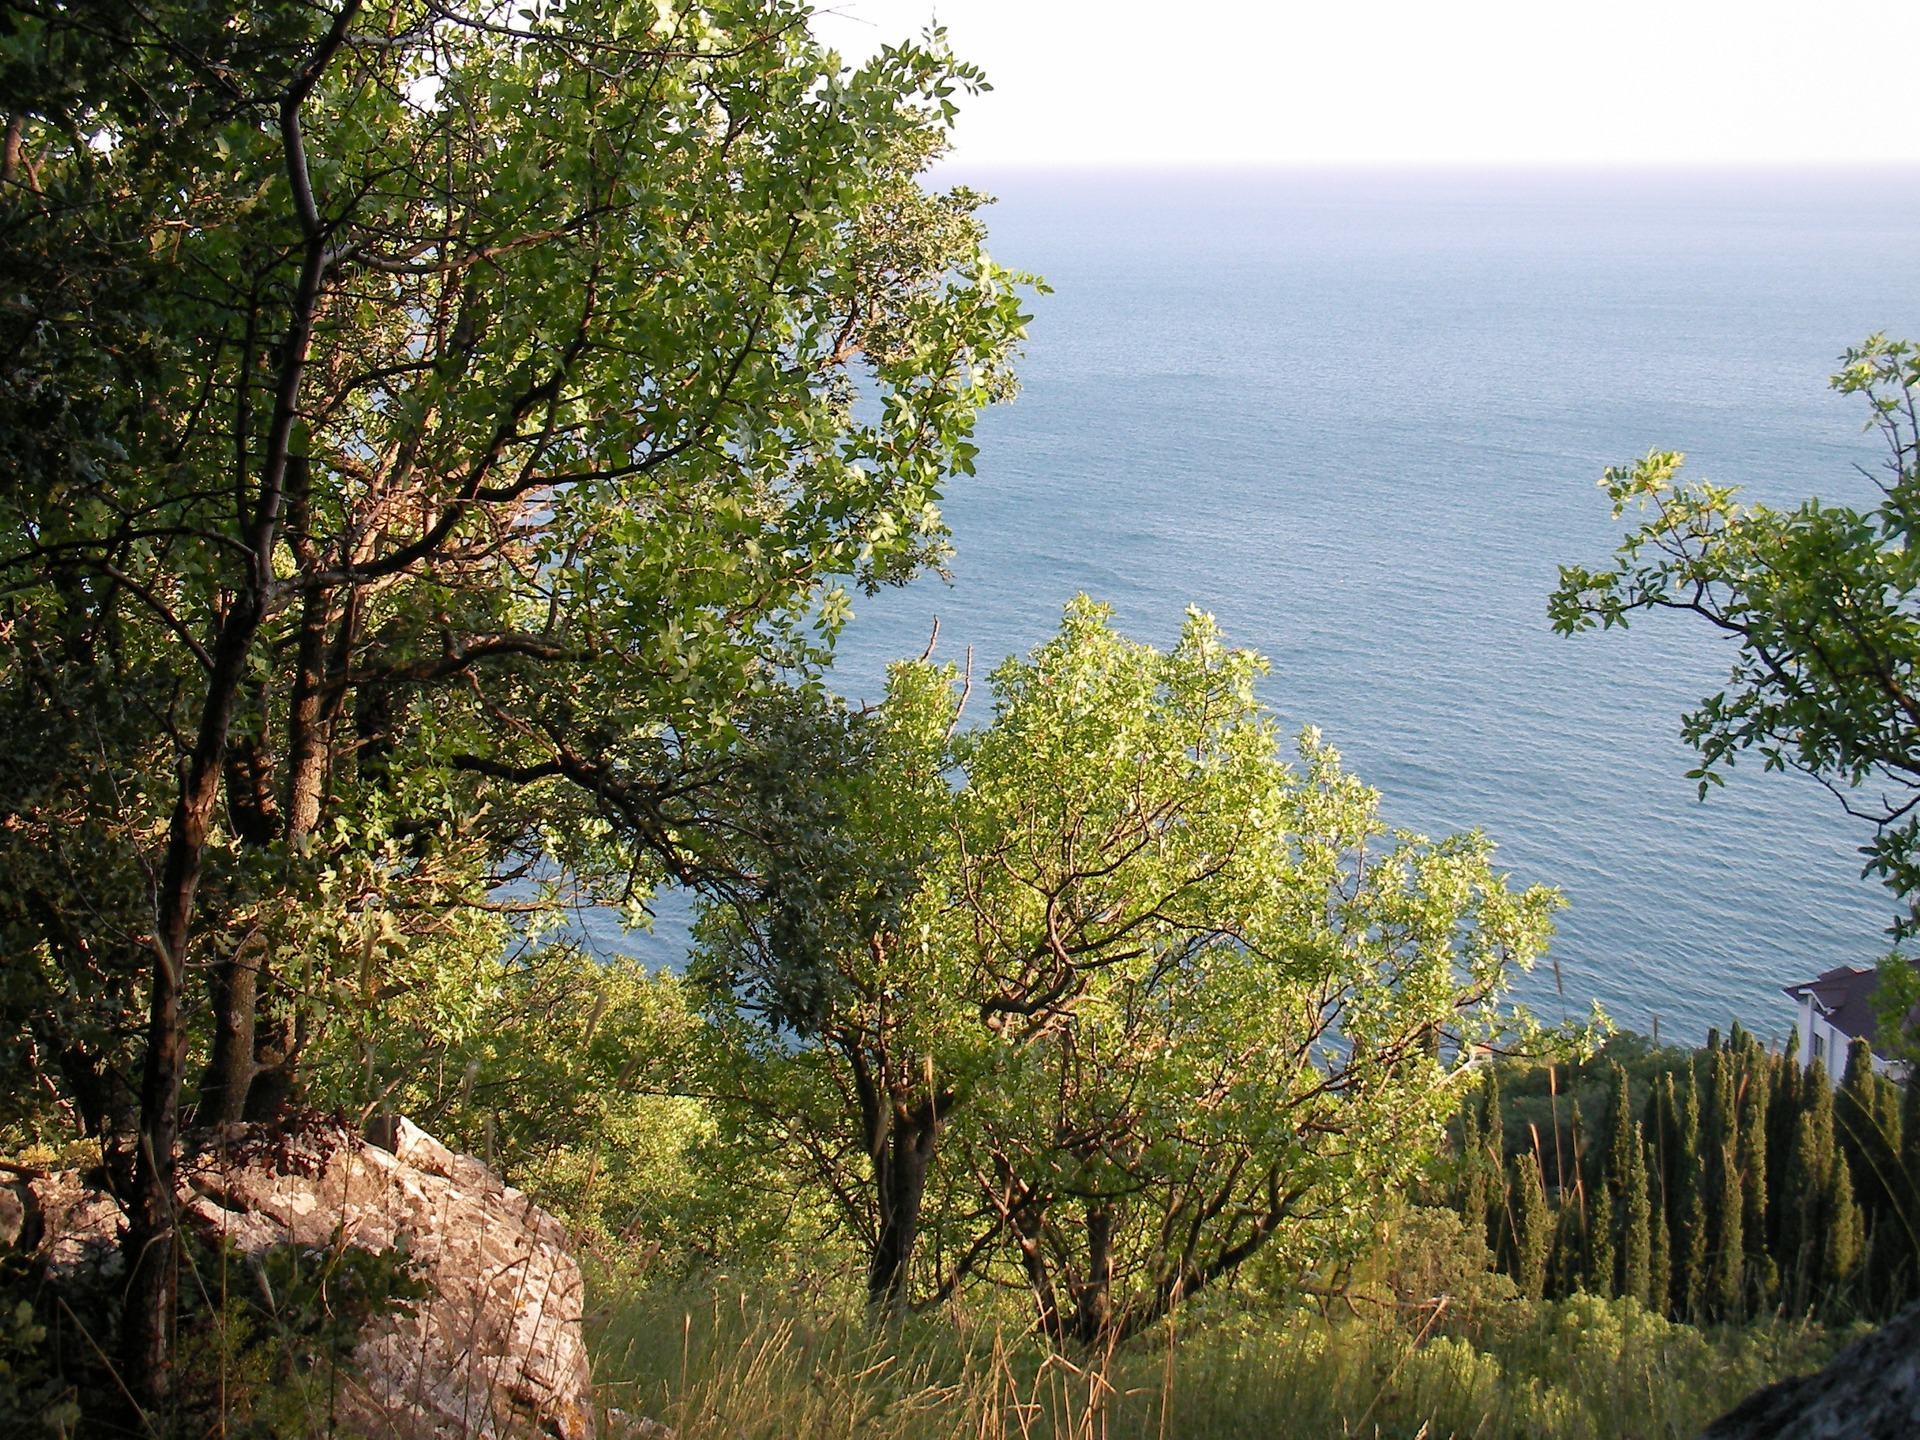 Grønne træer og sten over havets